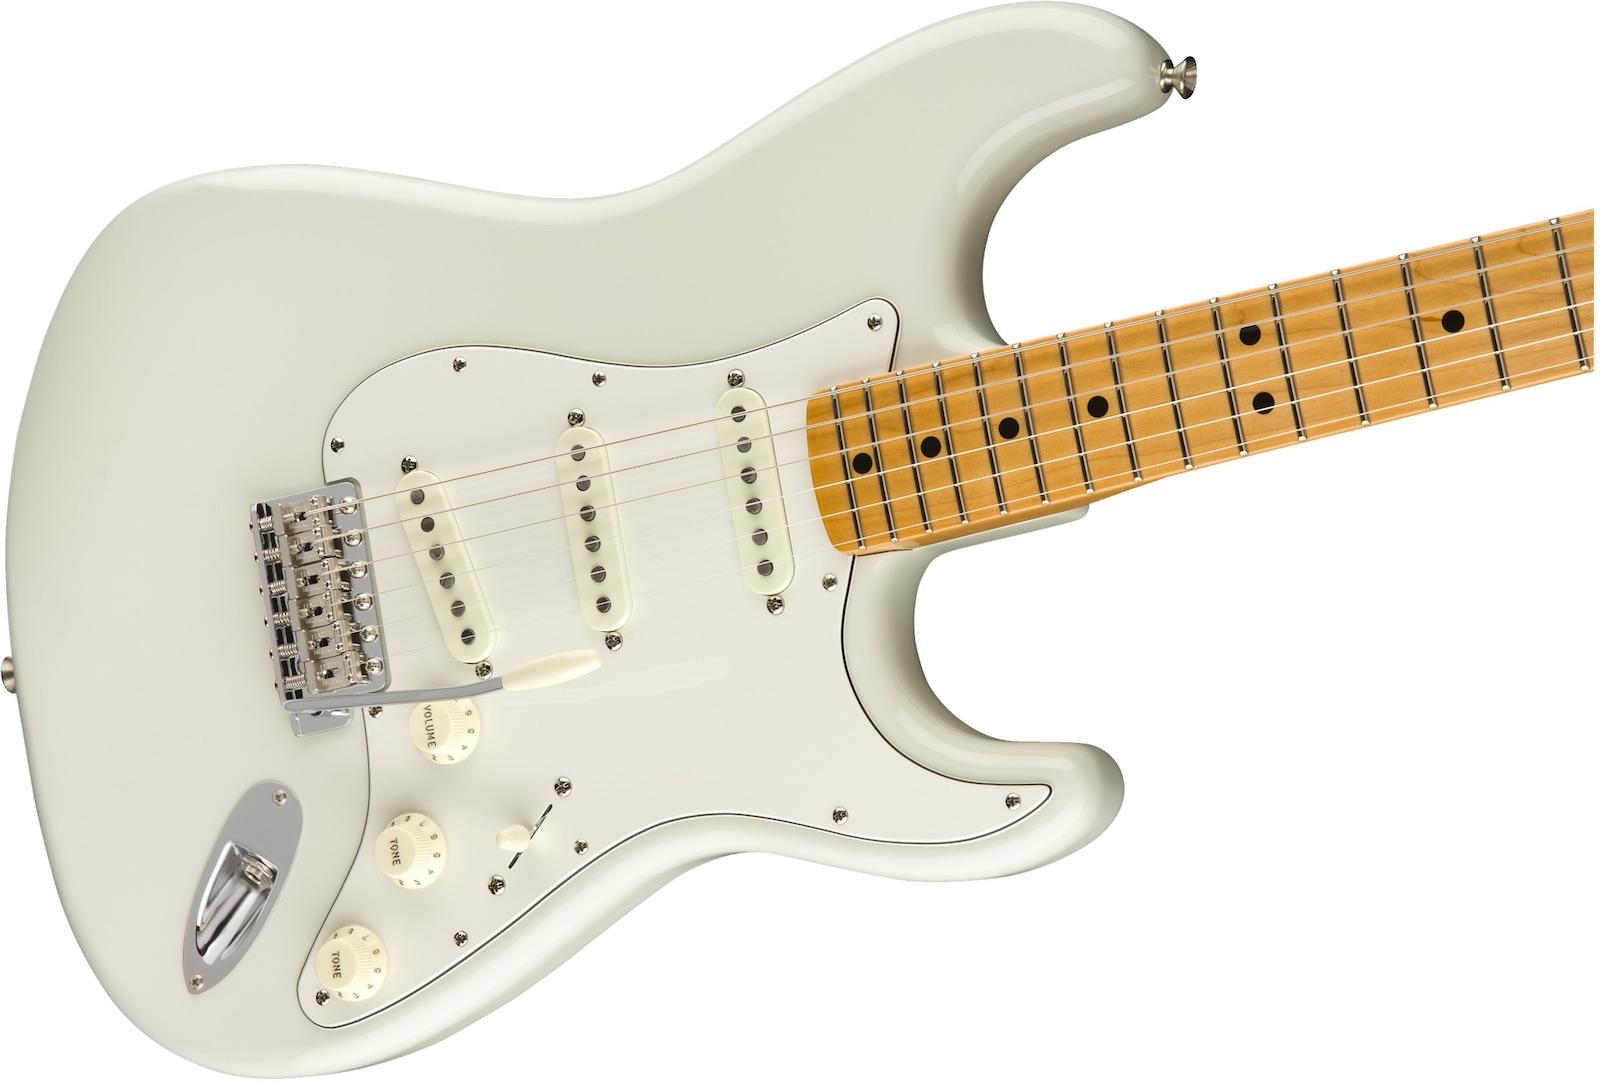 【新品】Fender Custom Shop Jimi Hendrix Voodoo Child Signature Stratocaster NOS ~Olympic White~ 【ジミヘンモデル】【リバース・ヘッド】【ハンドワウンド・ピックアップ】【送料無料】【ご予約受付中】【池袋店】